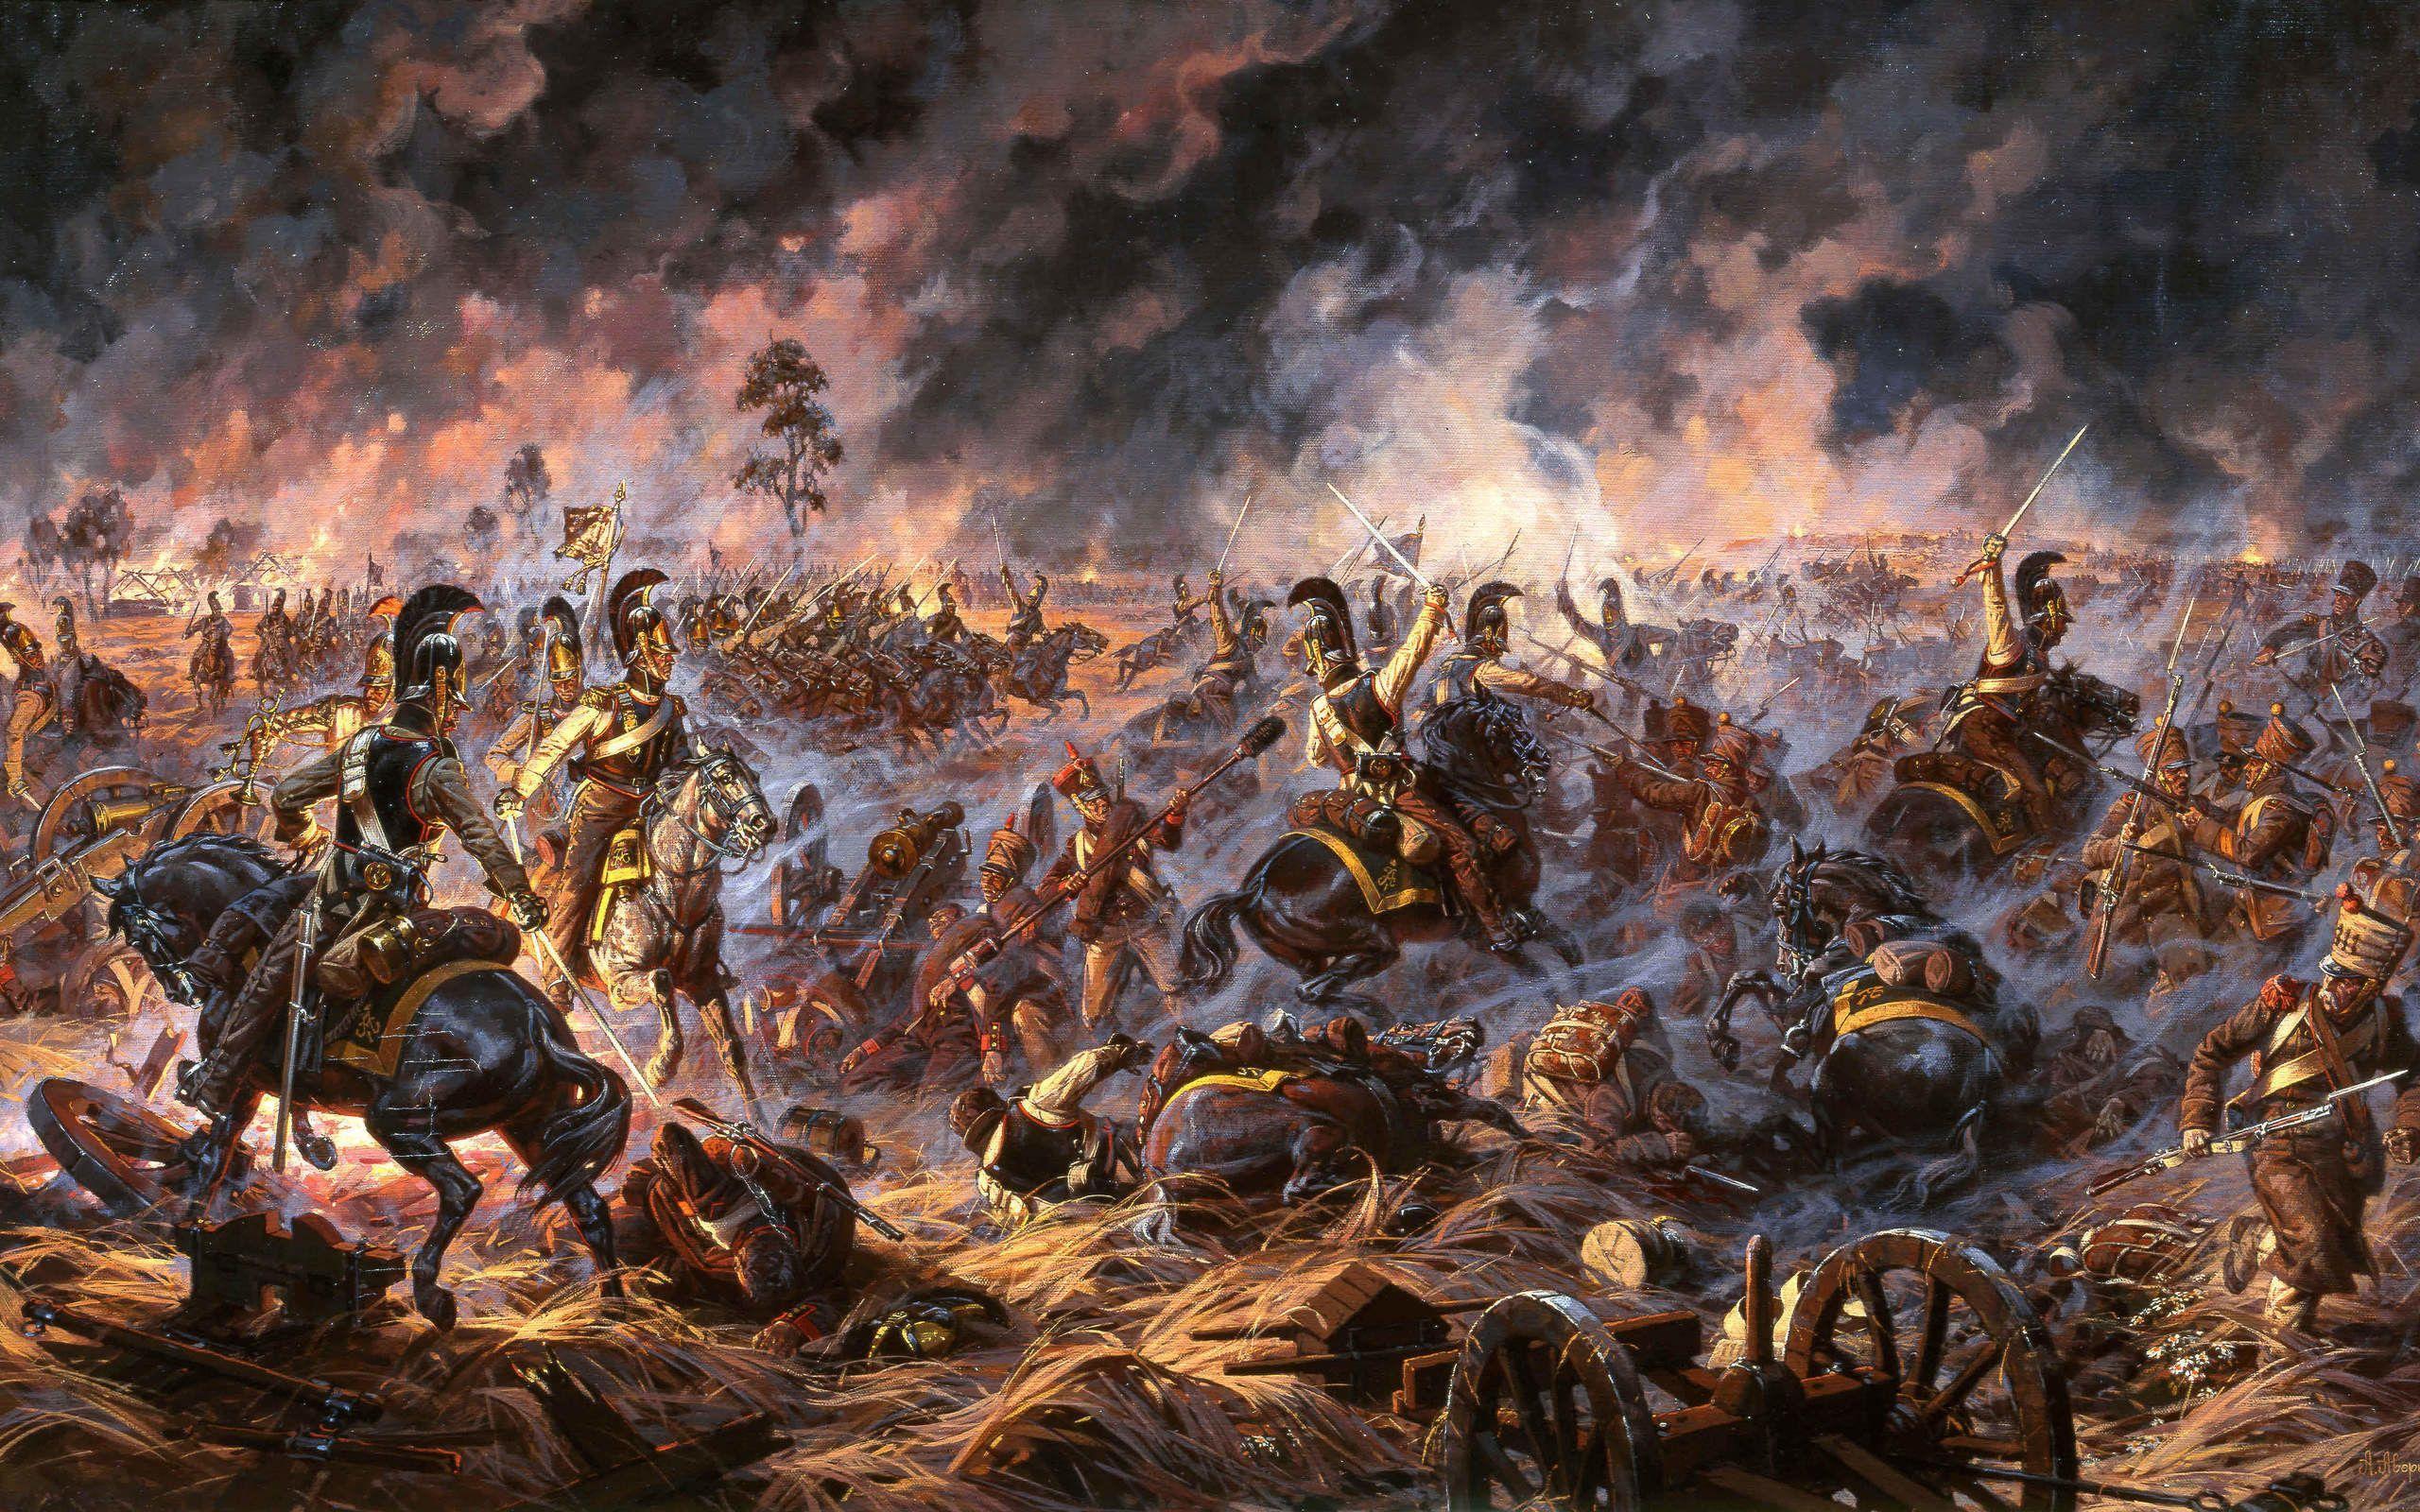 начале жена день воинской славы бородинское сражение картинки подобранная заколка